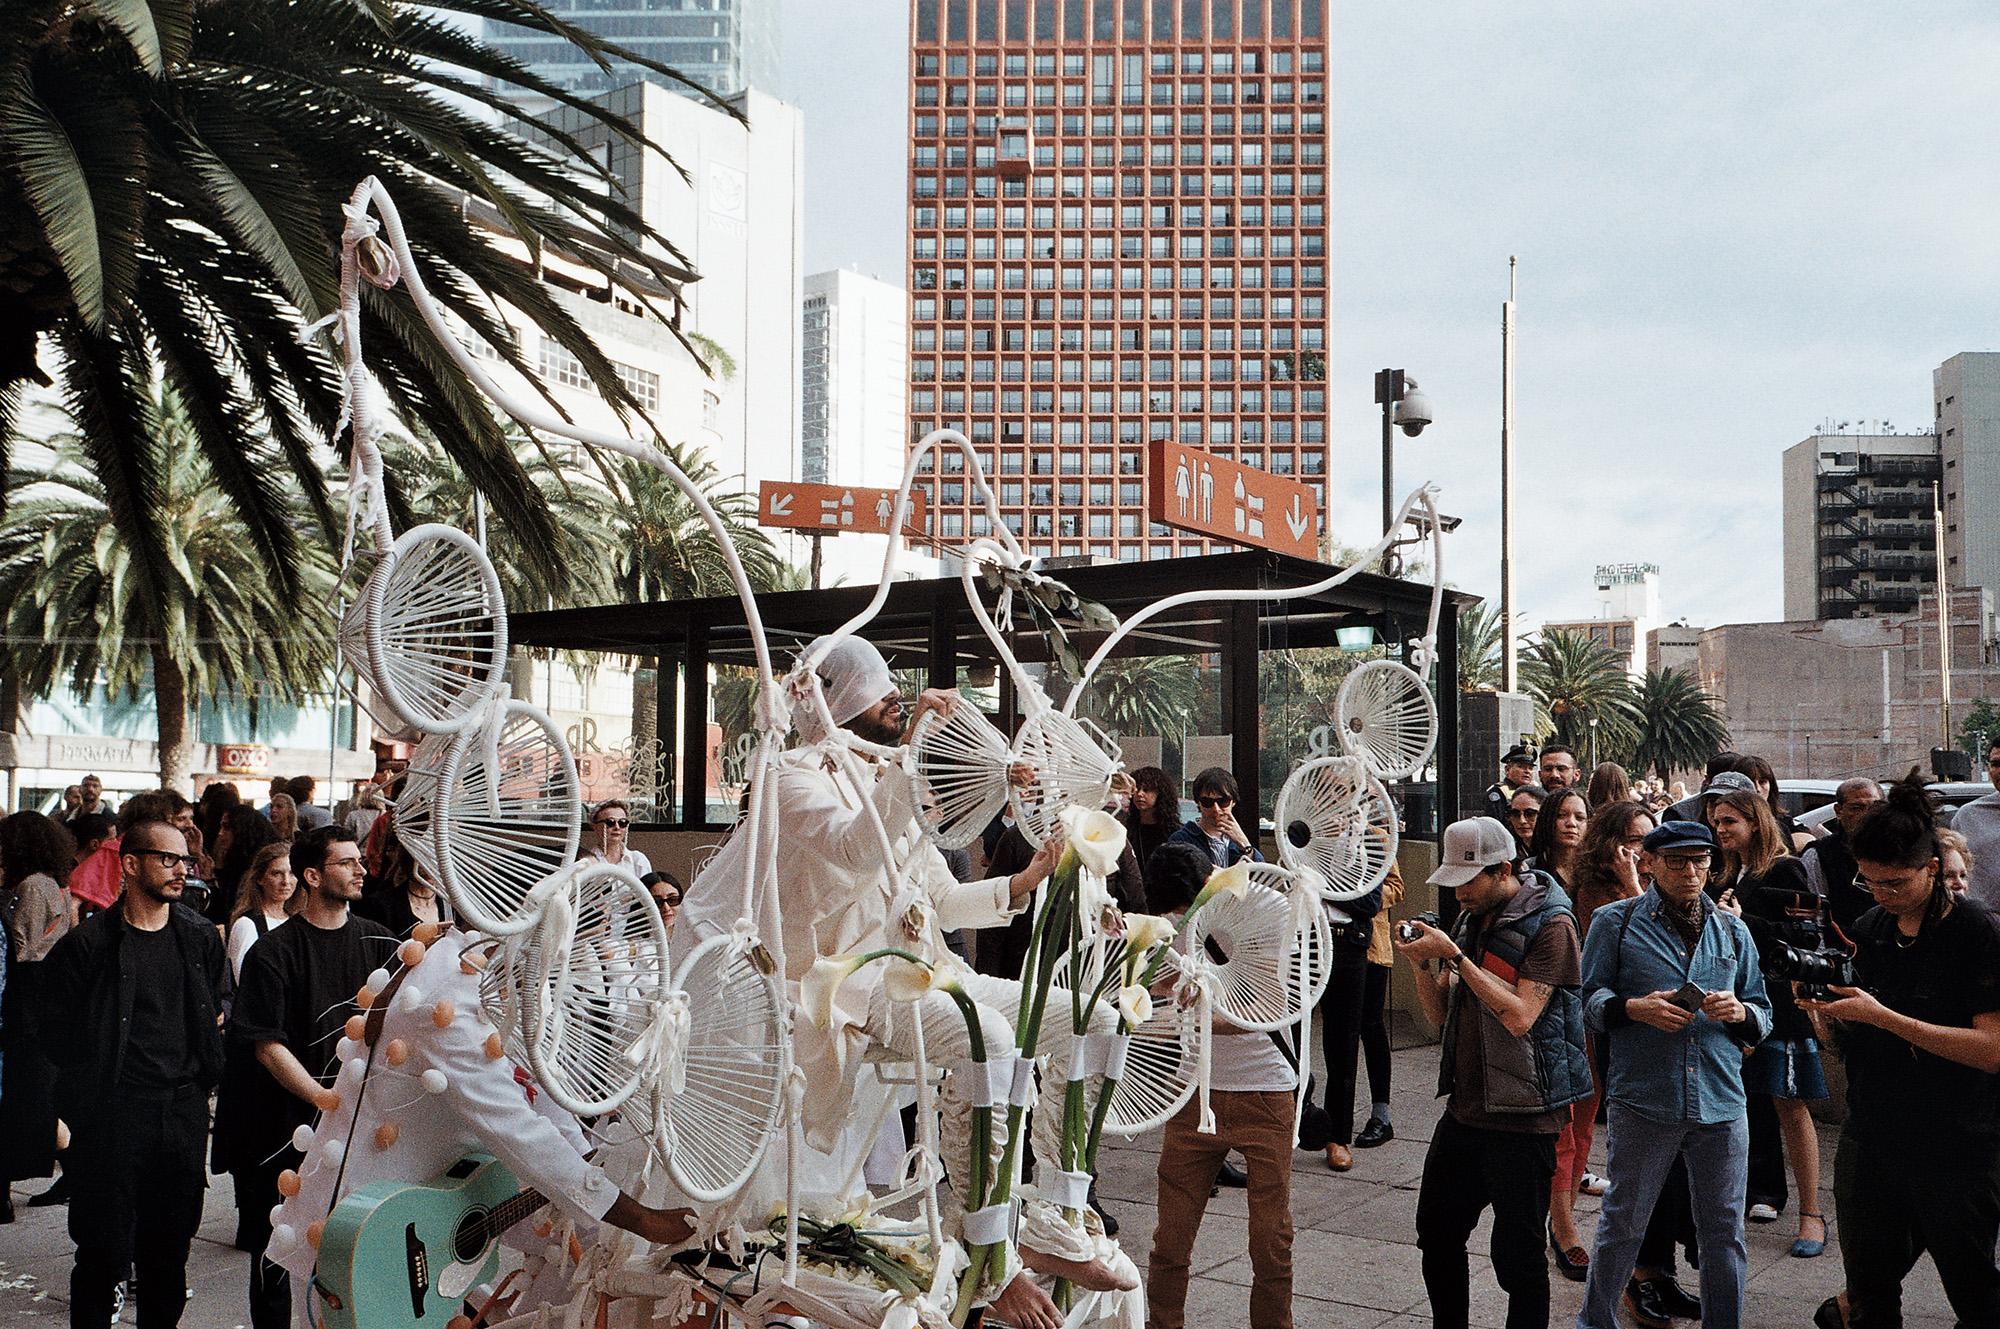 Kris Lemsalu ja Kyp Malone'i perfokas Méxicos, veebruar 2020. Foto: Maria Arusoo